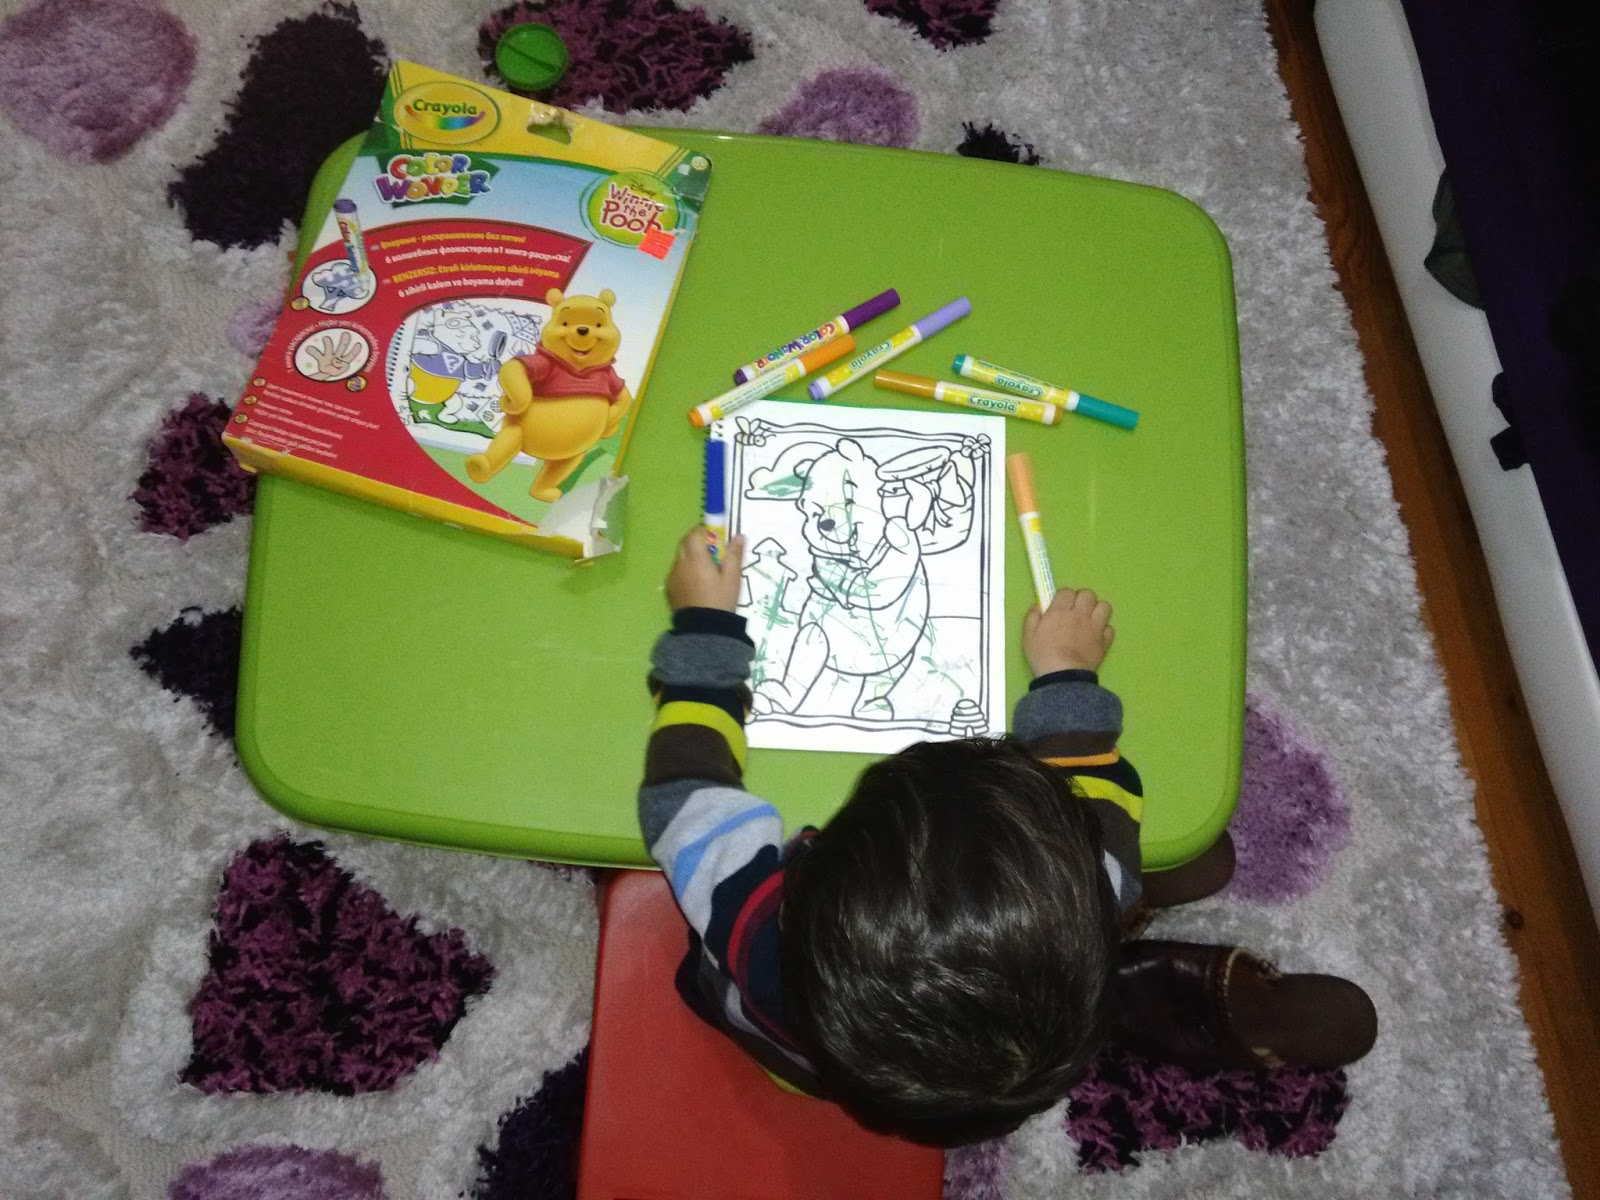 miniğimleyaşam aktivite, boya, çocuk, miniğimleyaşam, boyama, crayola, aktivite, Yağız Büyüyor, Tavsiyeler, Etkinliklerimiz,